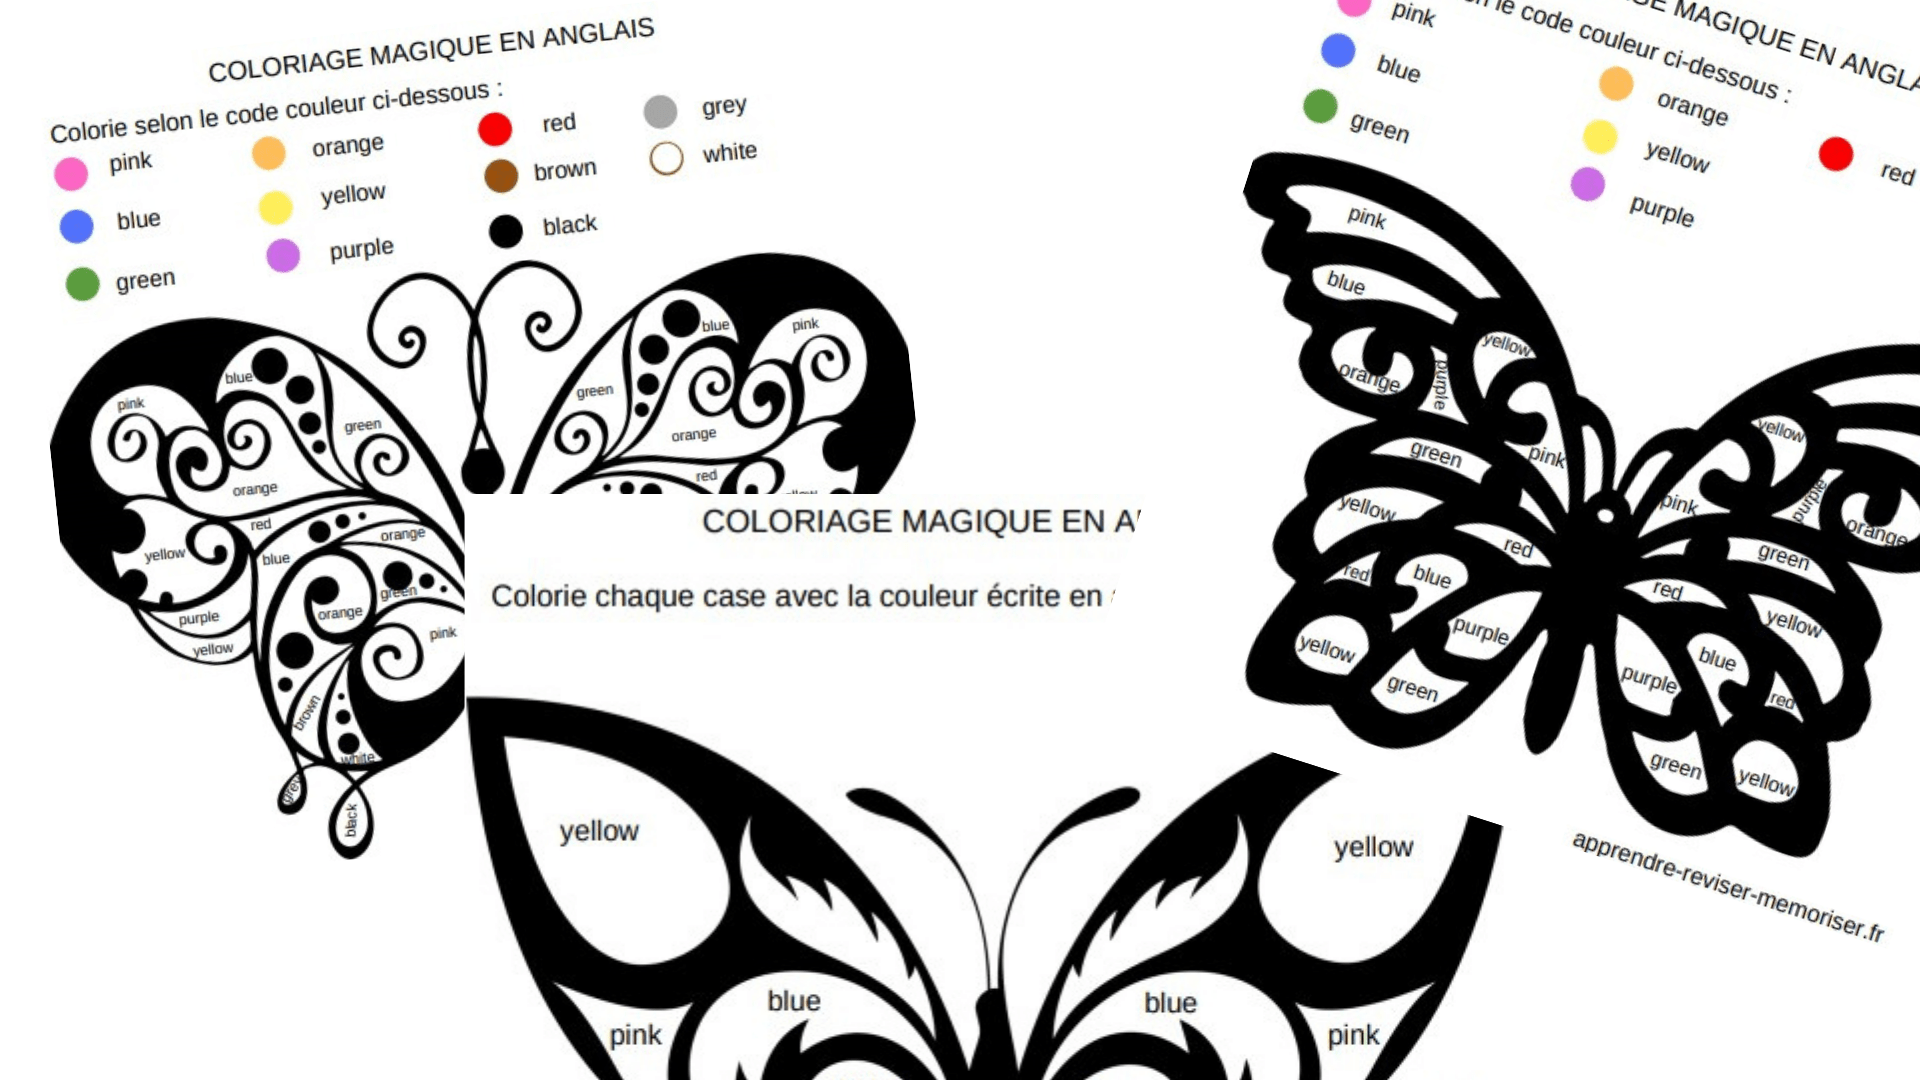 Coloriage Magique Anglais Vetements.3 Coloriages Magiques En Anglais Pour Apprendre Les Couleurs